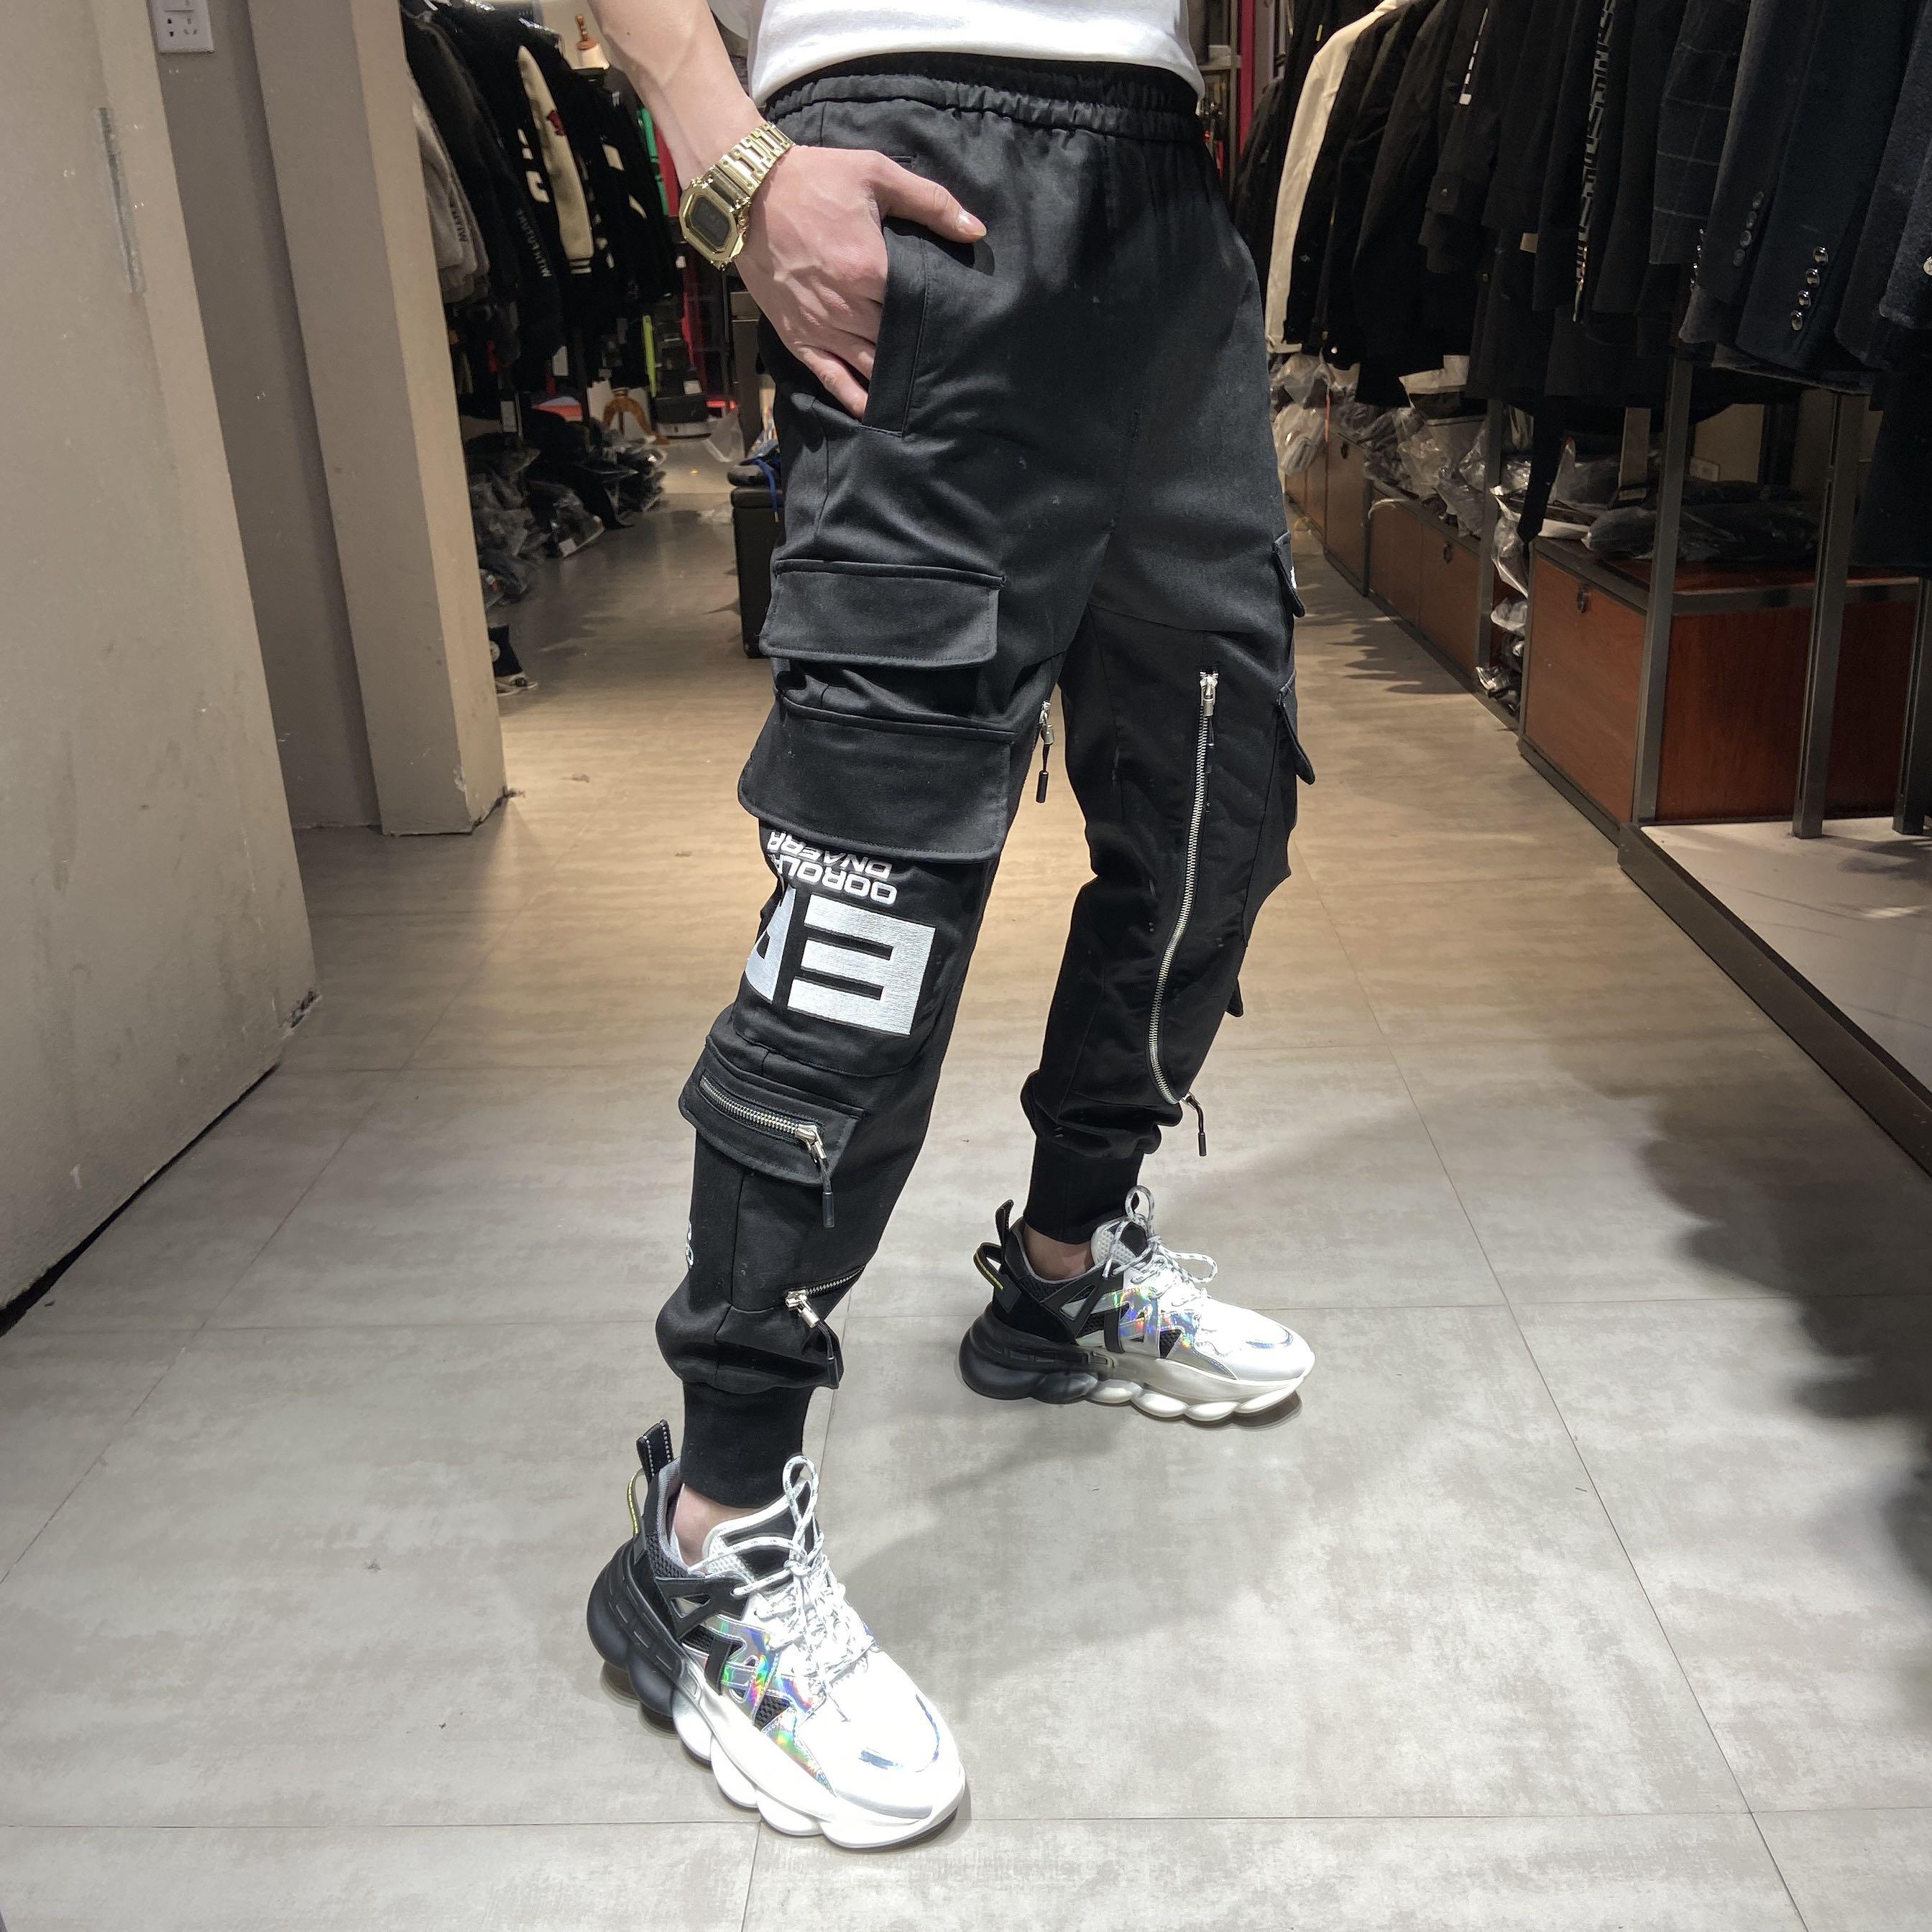 Quần yếm nam thương hiệu dầm chân mùa xuân Hàng châu Âu quần lỏng xu hướng Hàn Quốc cá tính dây kéo túi quần bình thường thủy triều - Quần mỏng